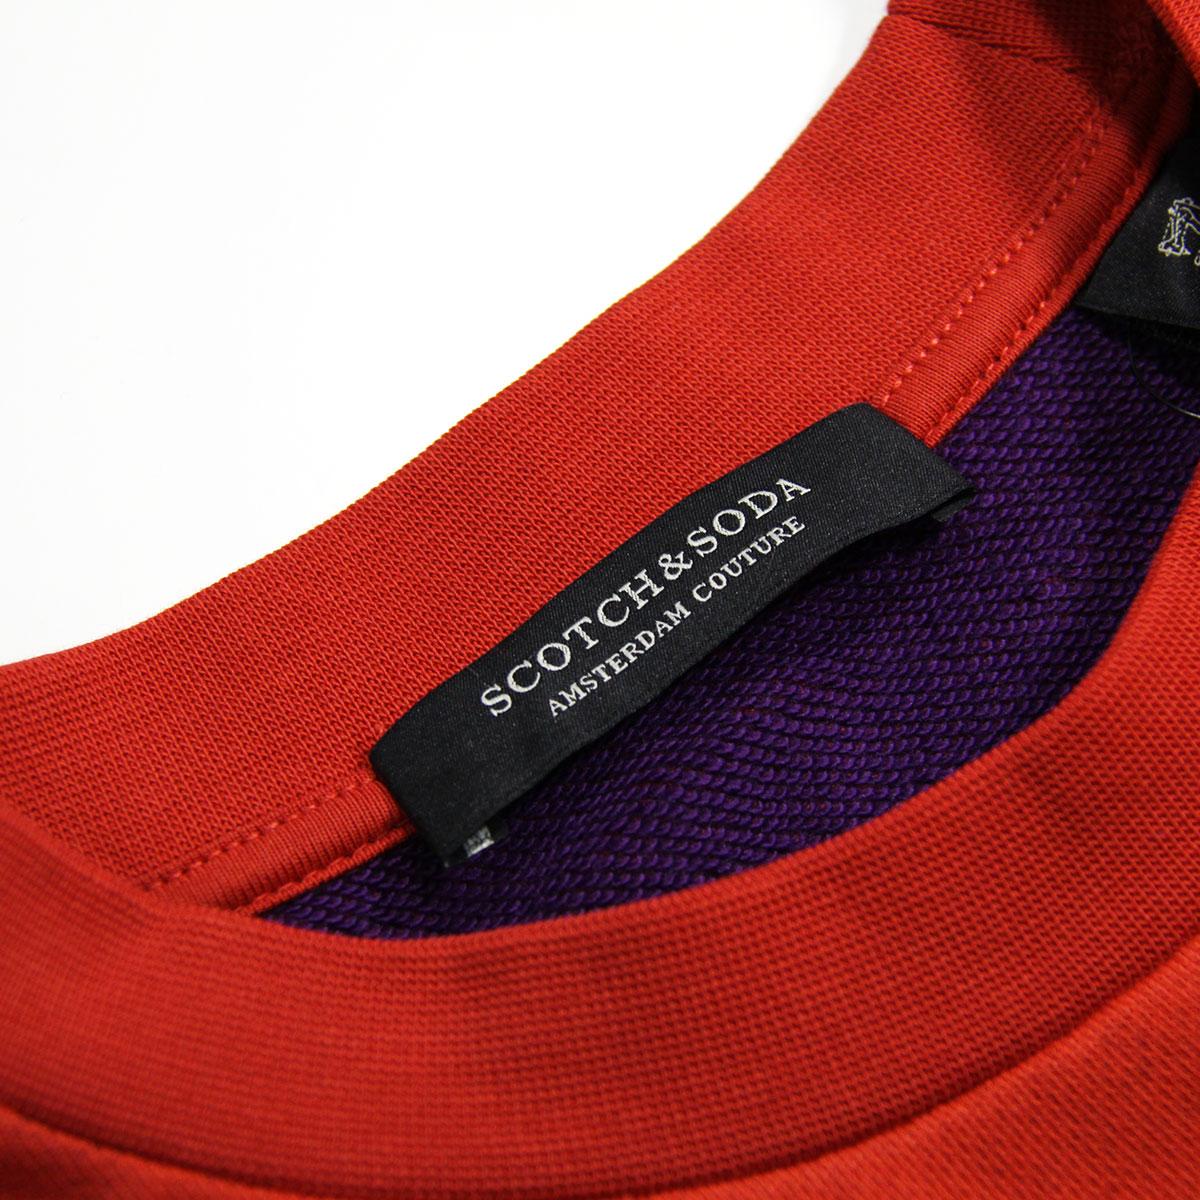 スコッチアンドソーダ スウェット メンズ 正規販売店 SCOTCH&SODA トレーナー CLASSIC CREWNECK SWEAT 155254 2762 13800 15 FIESTA RED A39B B1C C1D D5E E11F